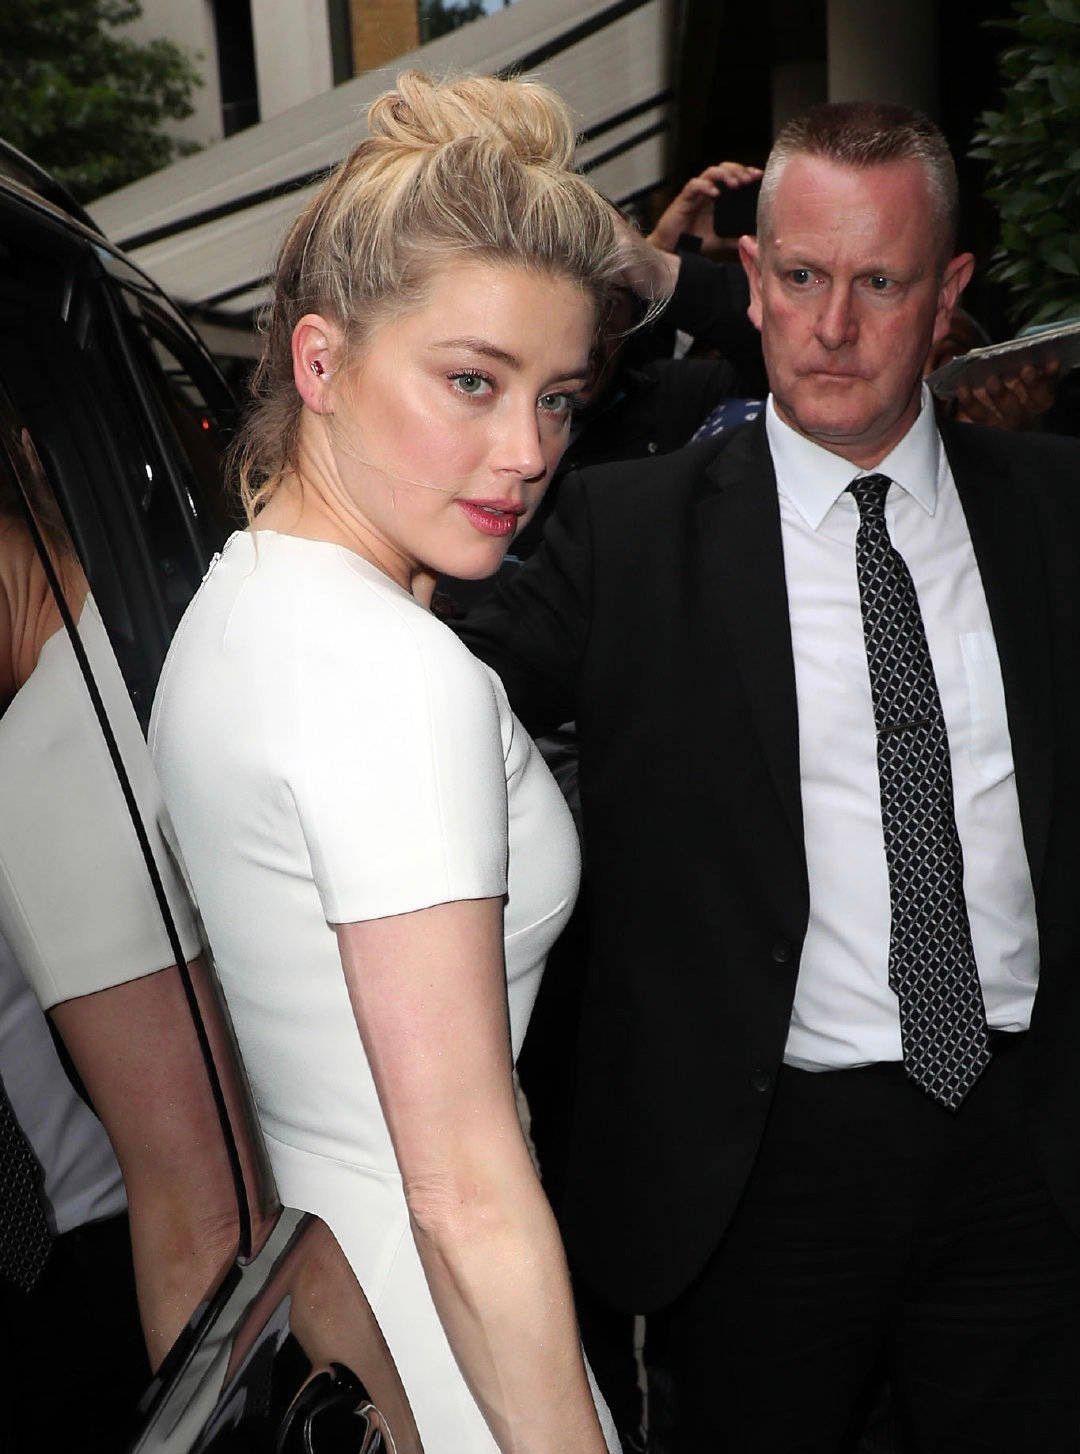 状态超好!艾梅柏·希尔德(Amber Heard)伦敦最新街拍